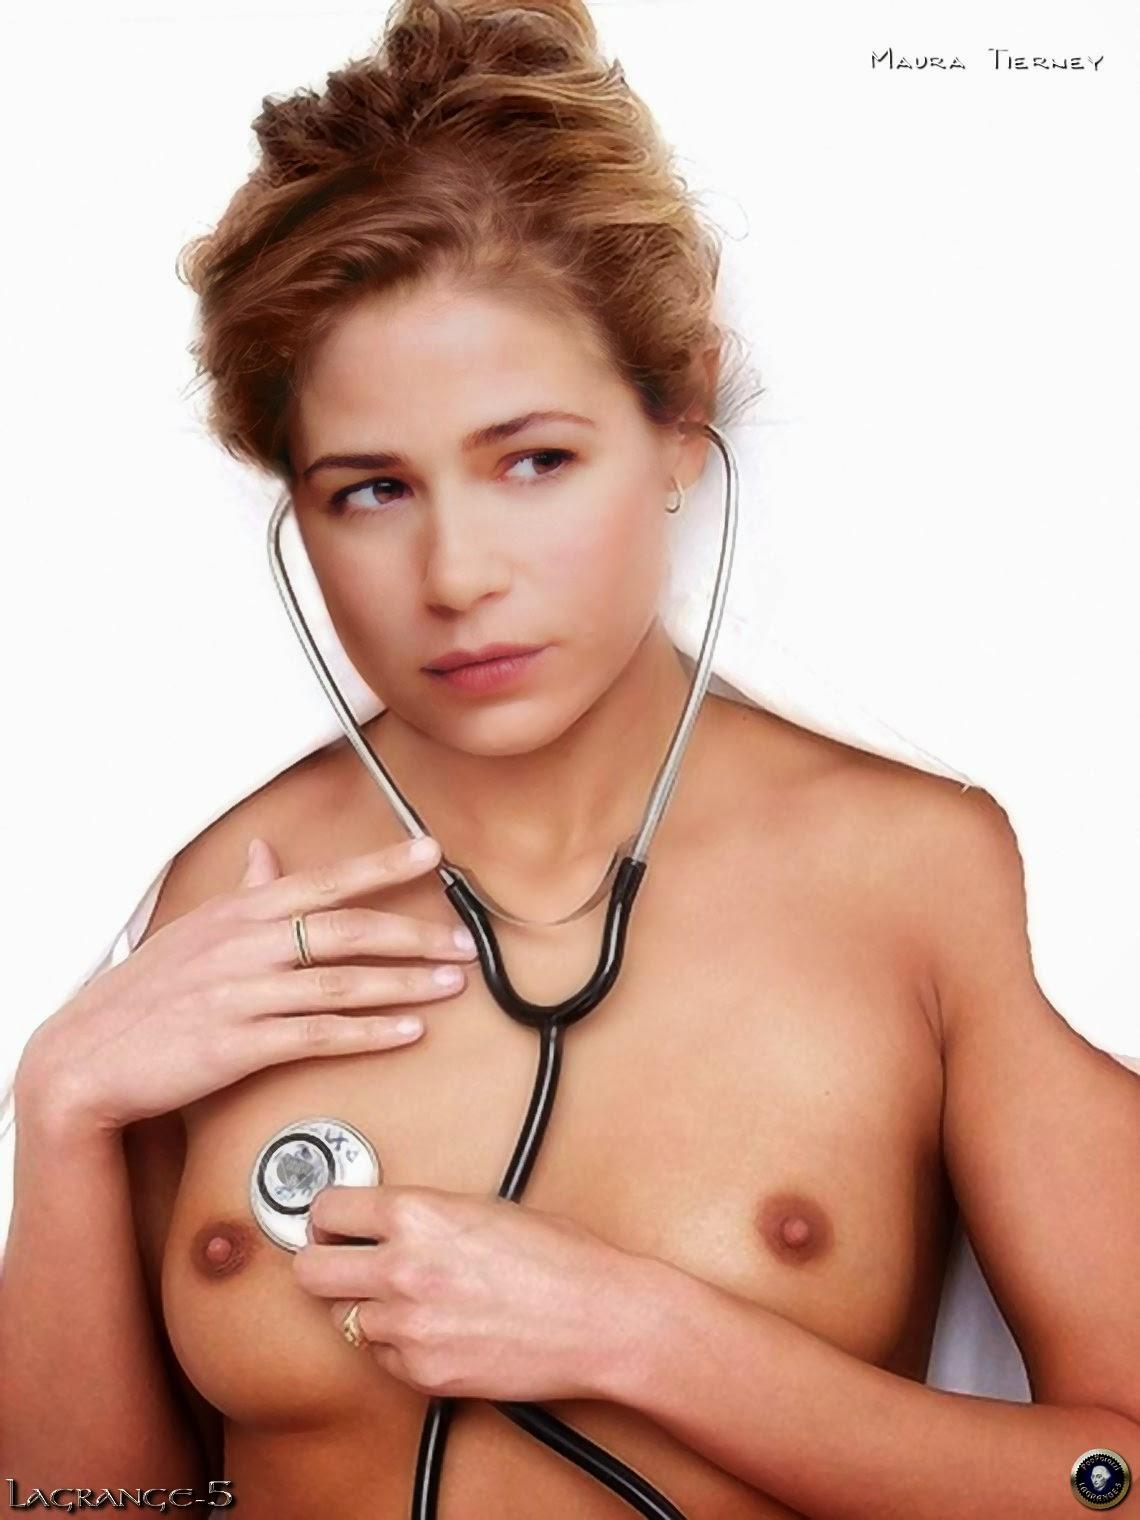 Nackt Bilder : Maura Tierney Naked Pics   nackter arsch.com